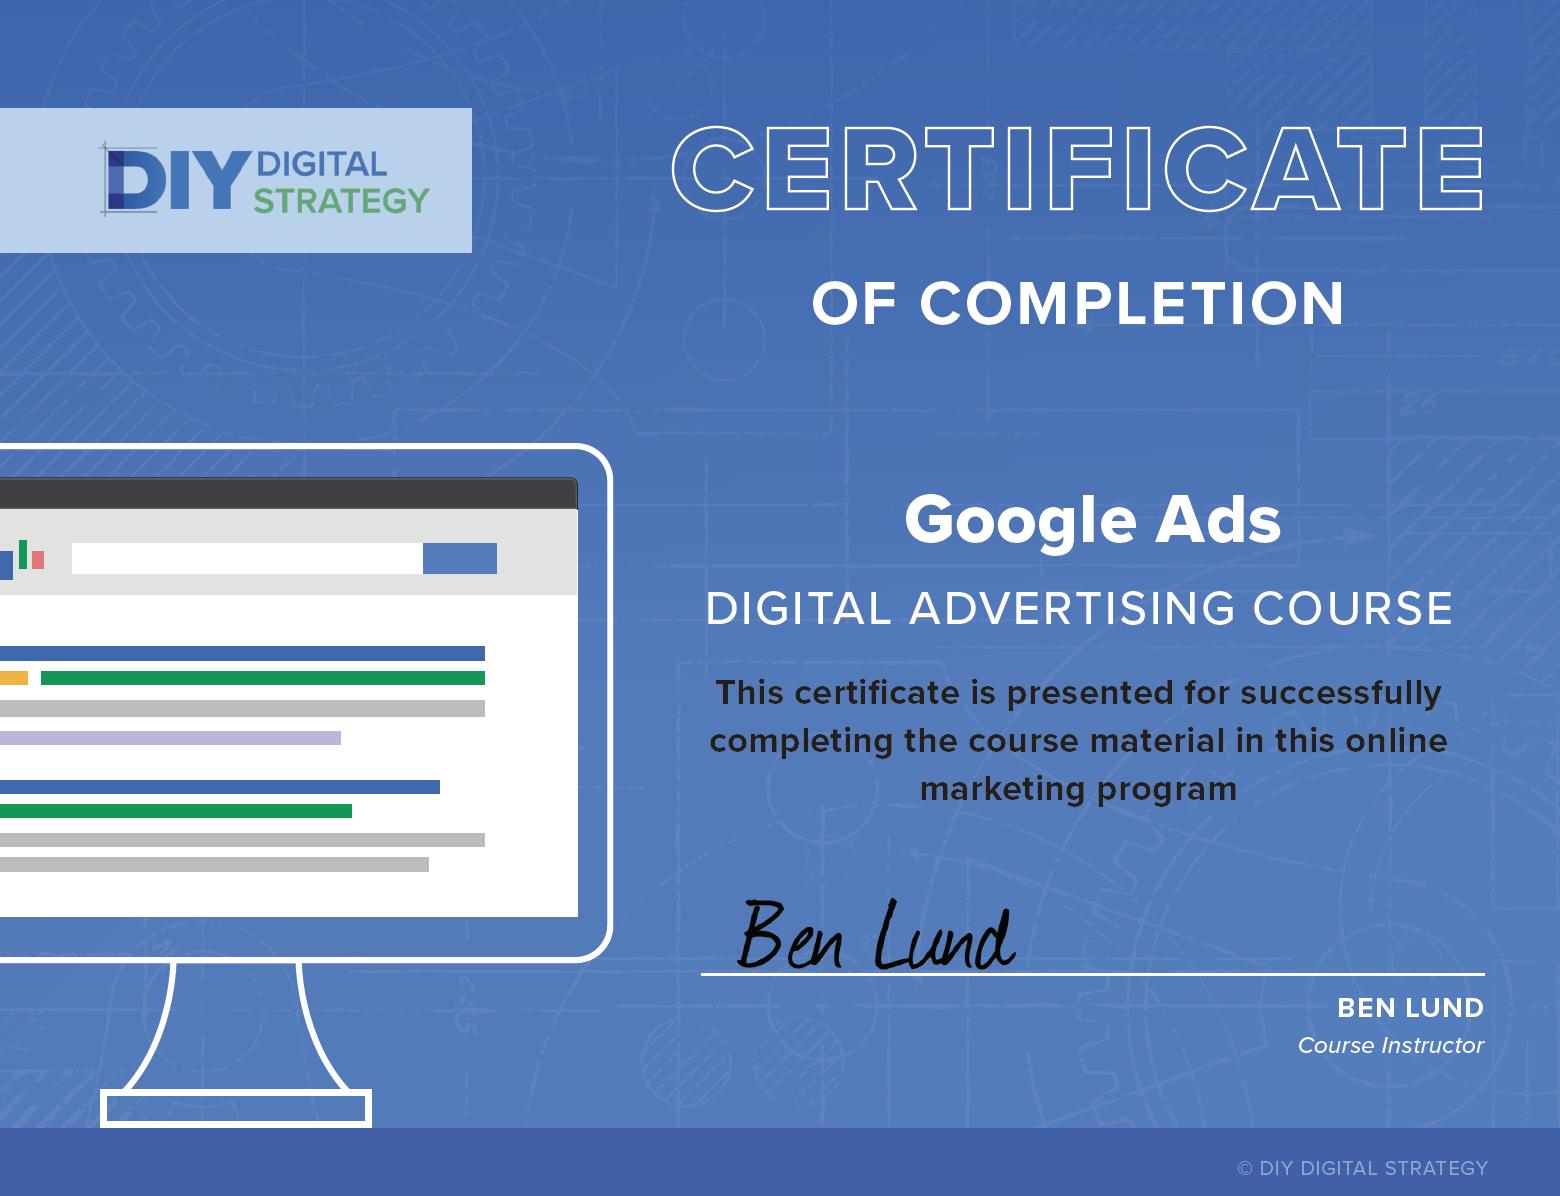 Google Ads Certitificate